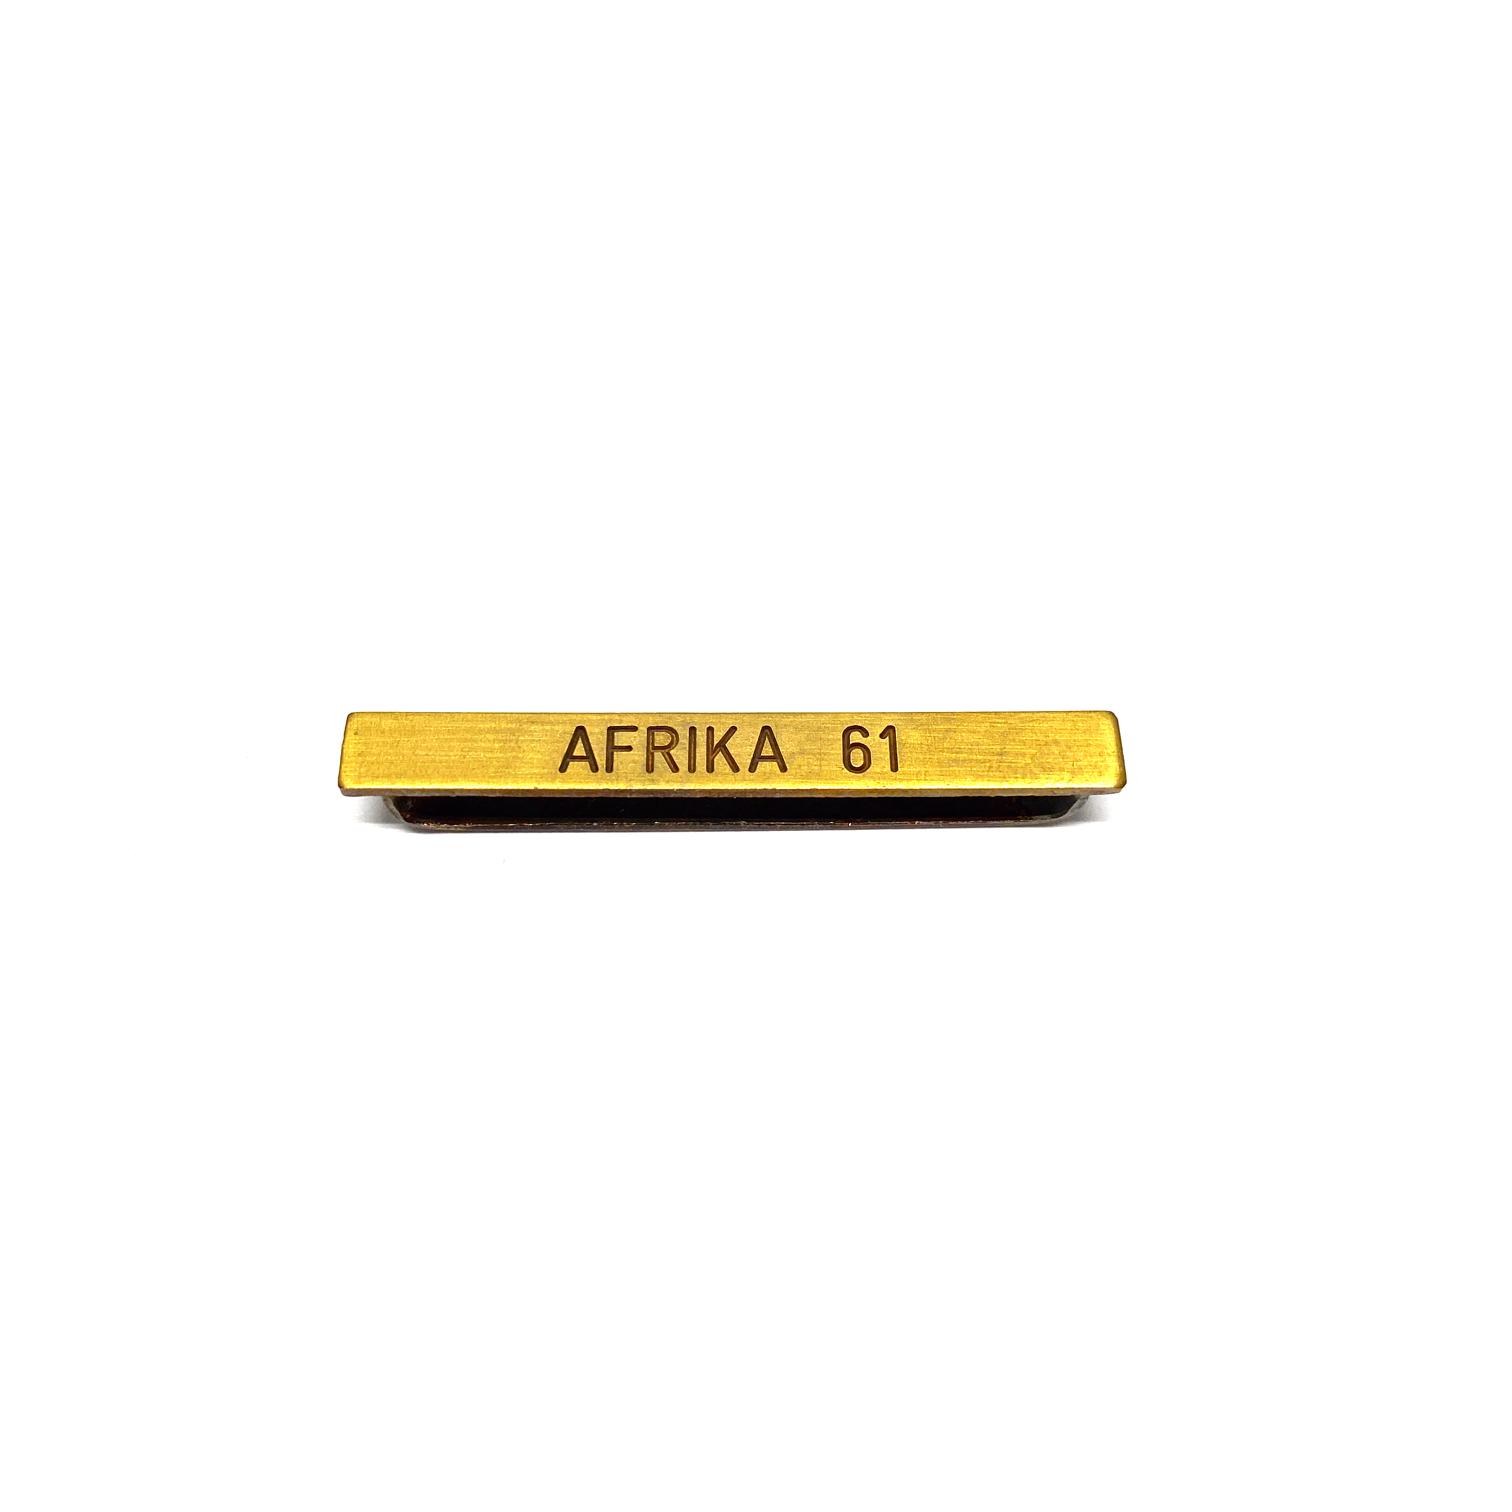 Baret Afrika 61 voor militaire eretekens